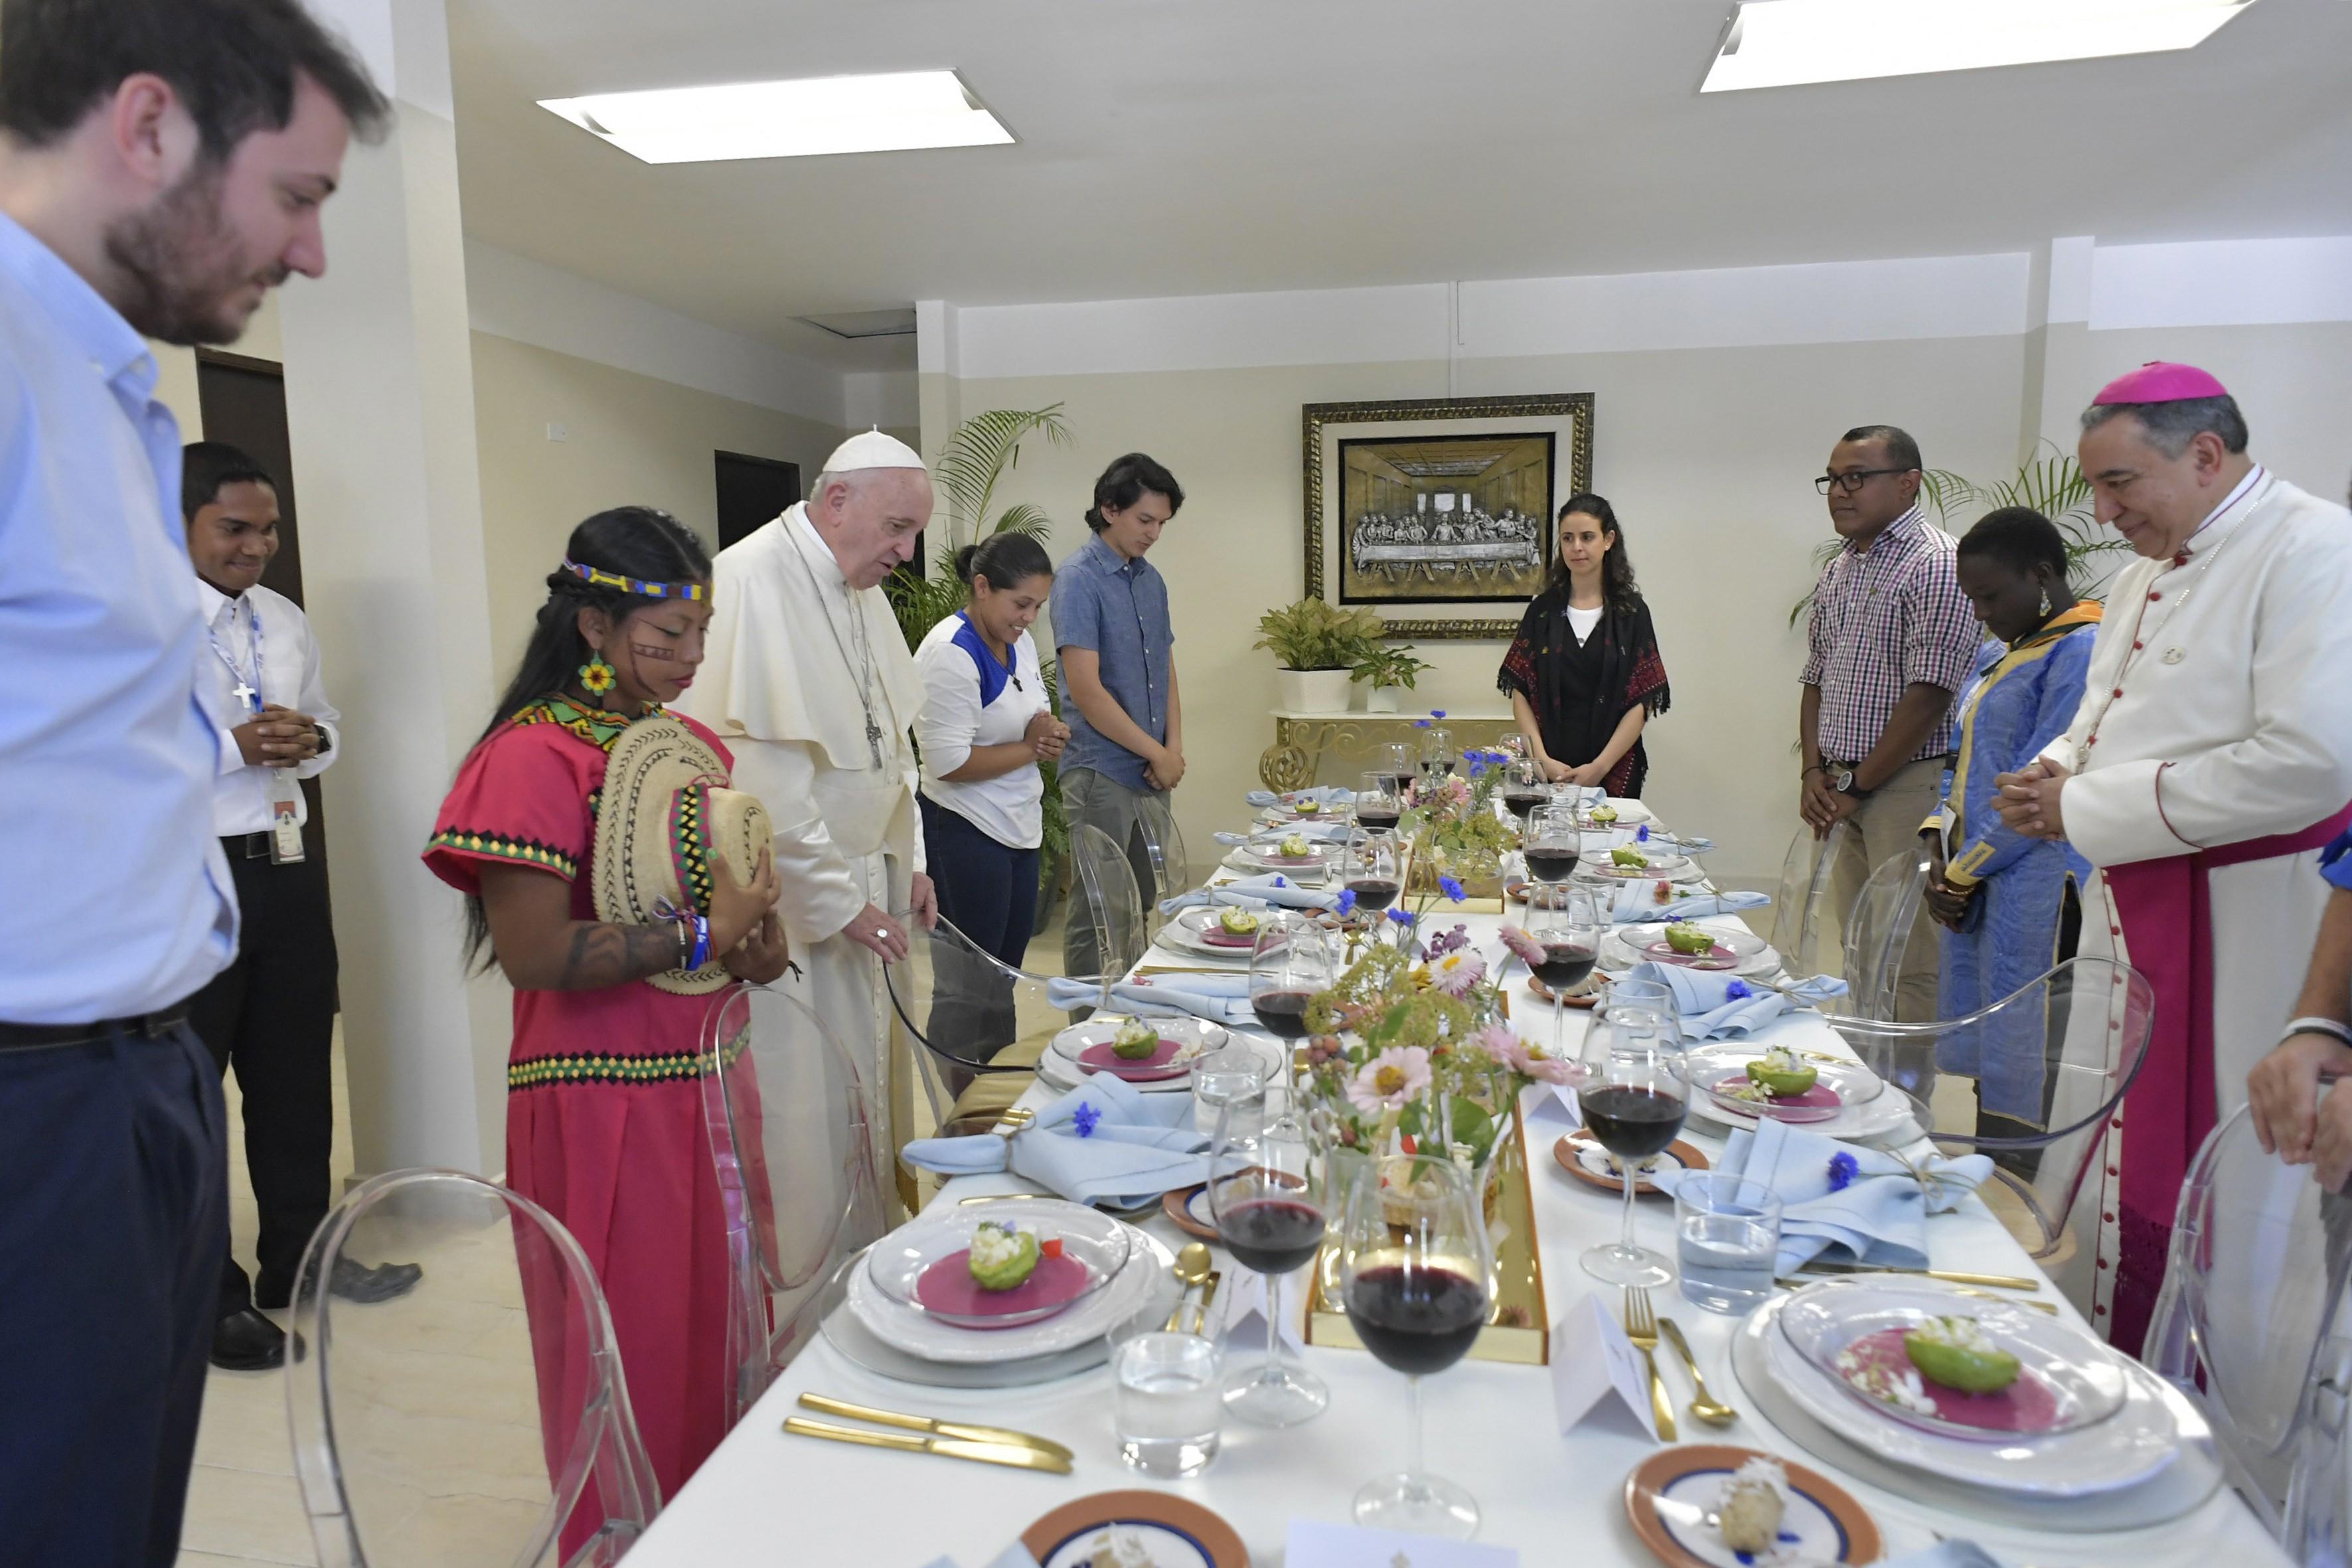 Almuerzo del Papa con 10 jóvenes de 5 continentes © Vatican Media